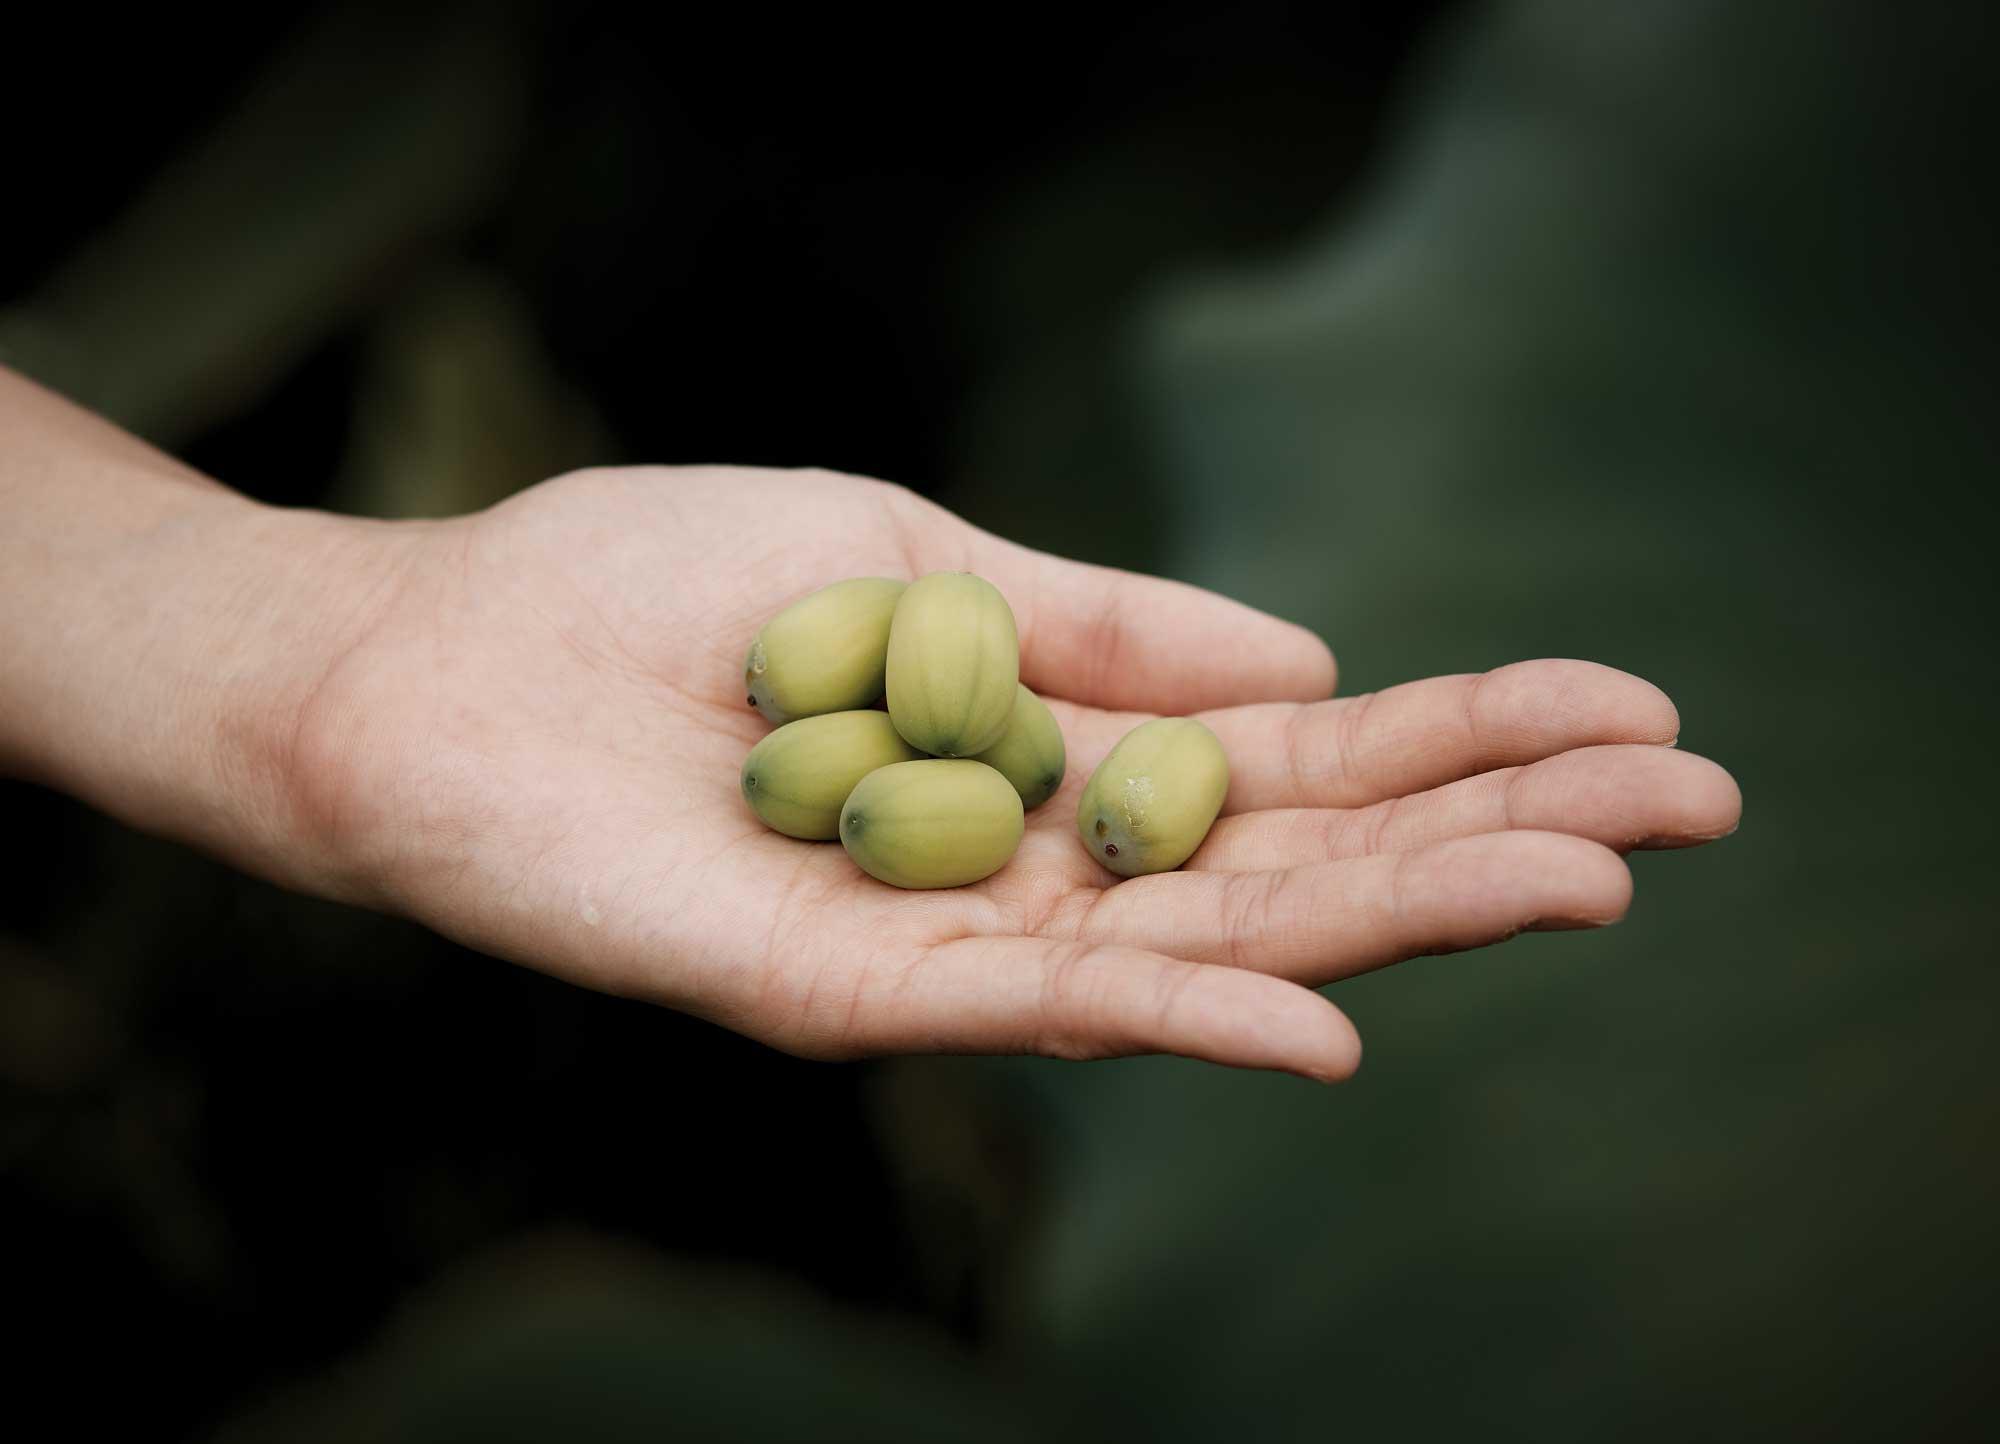 알알이 빼낸 연밥. 껍질만 까서 통째로 먹는다. 아삭한 밤맛이다. ©양성모